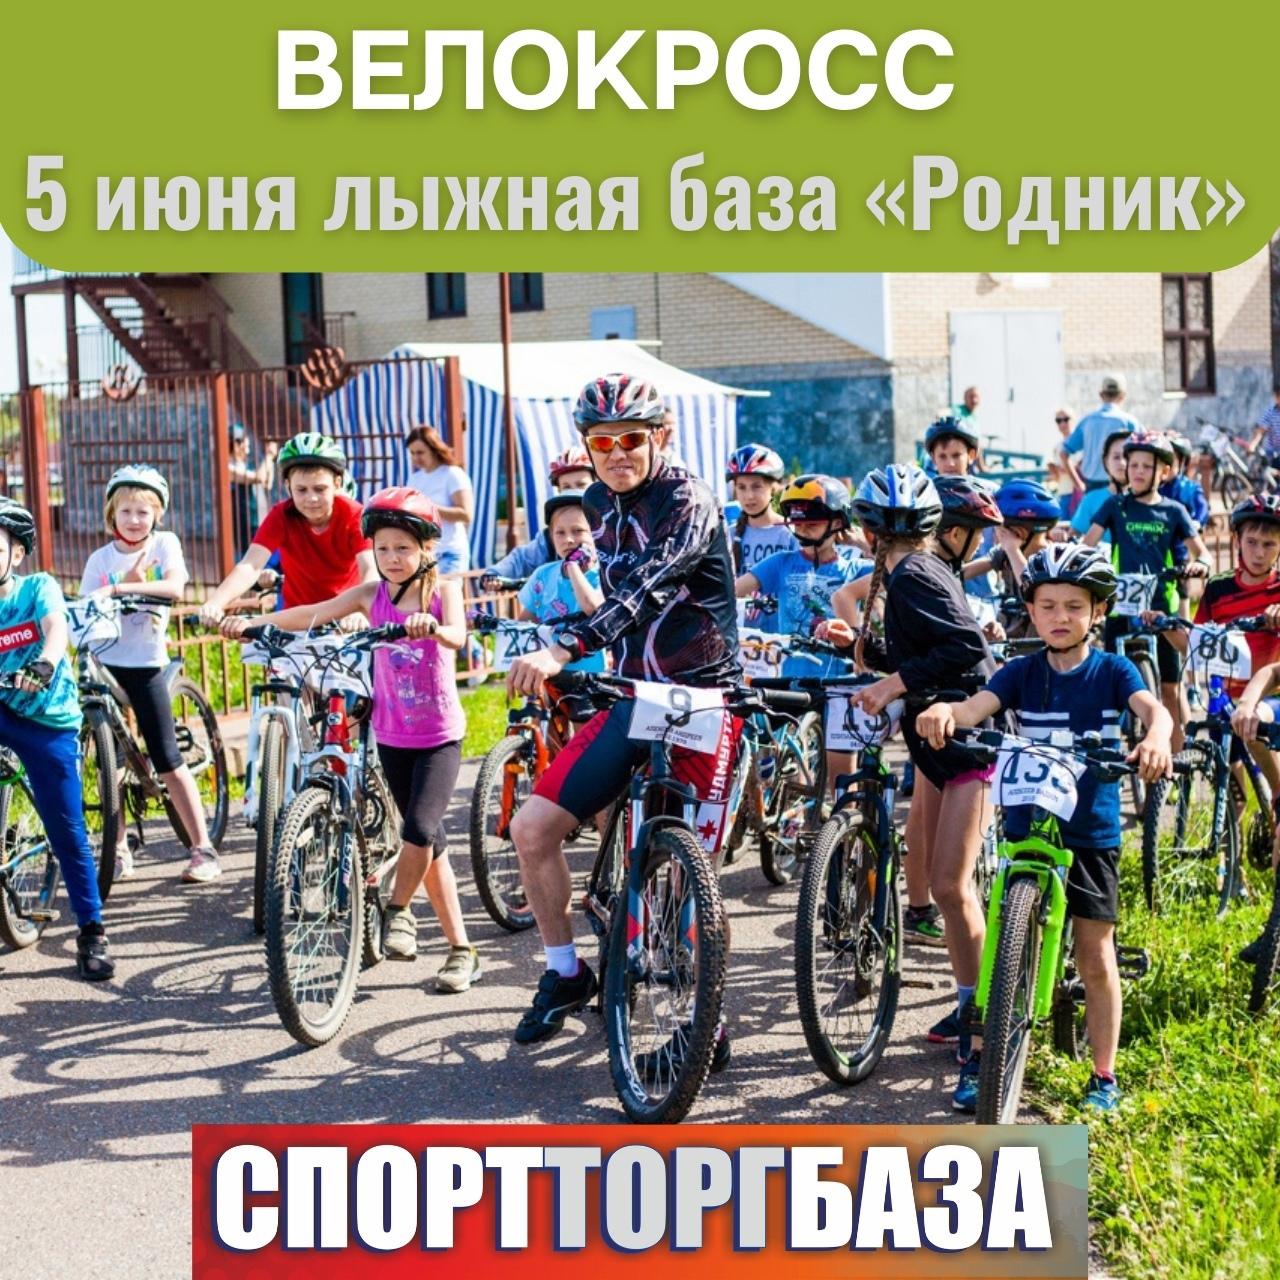 8-ой Велокросс пройдет 5 июня на